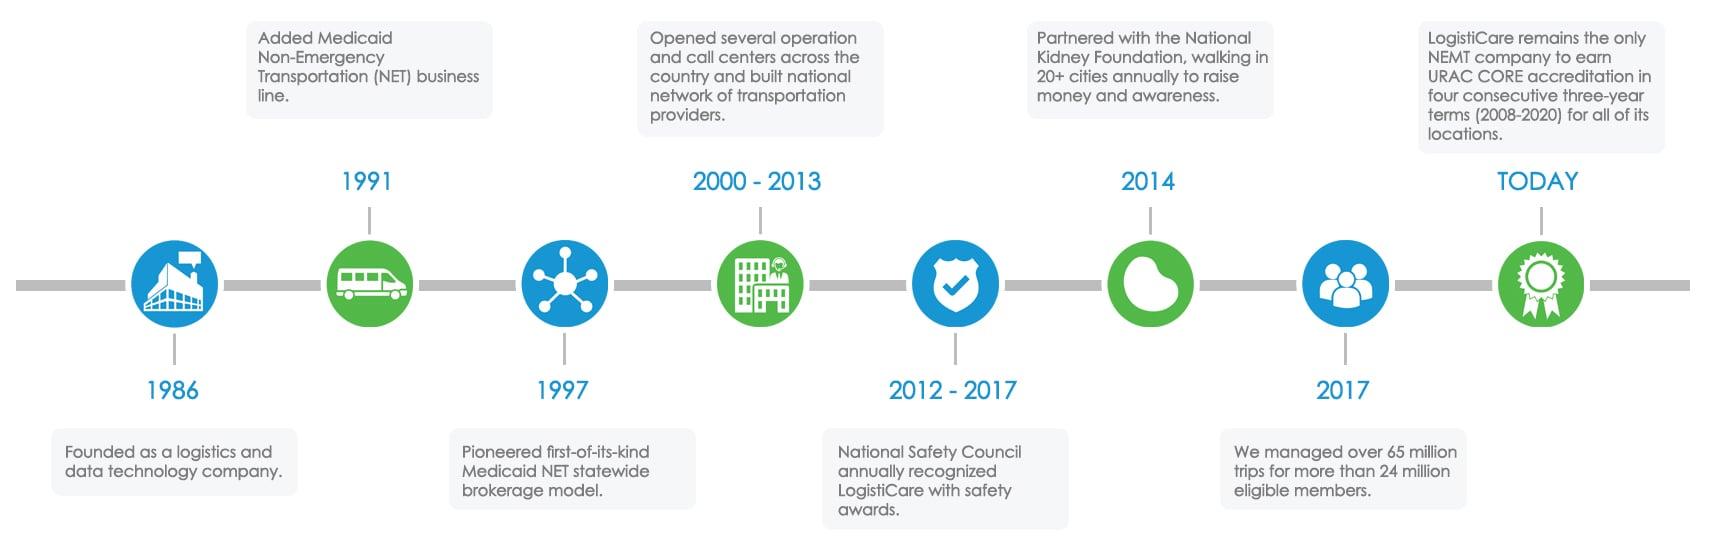 Logisticare Timeline